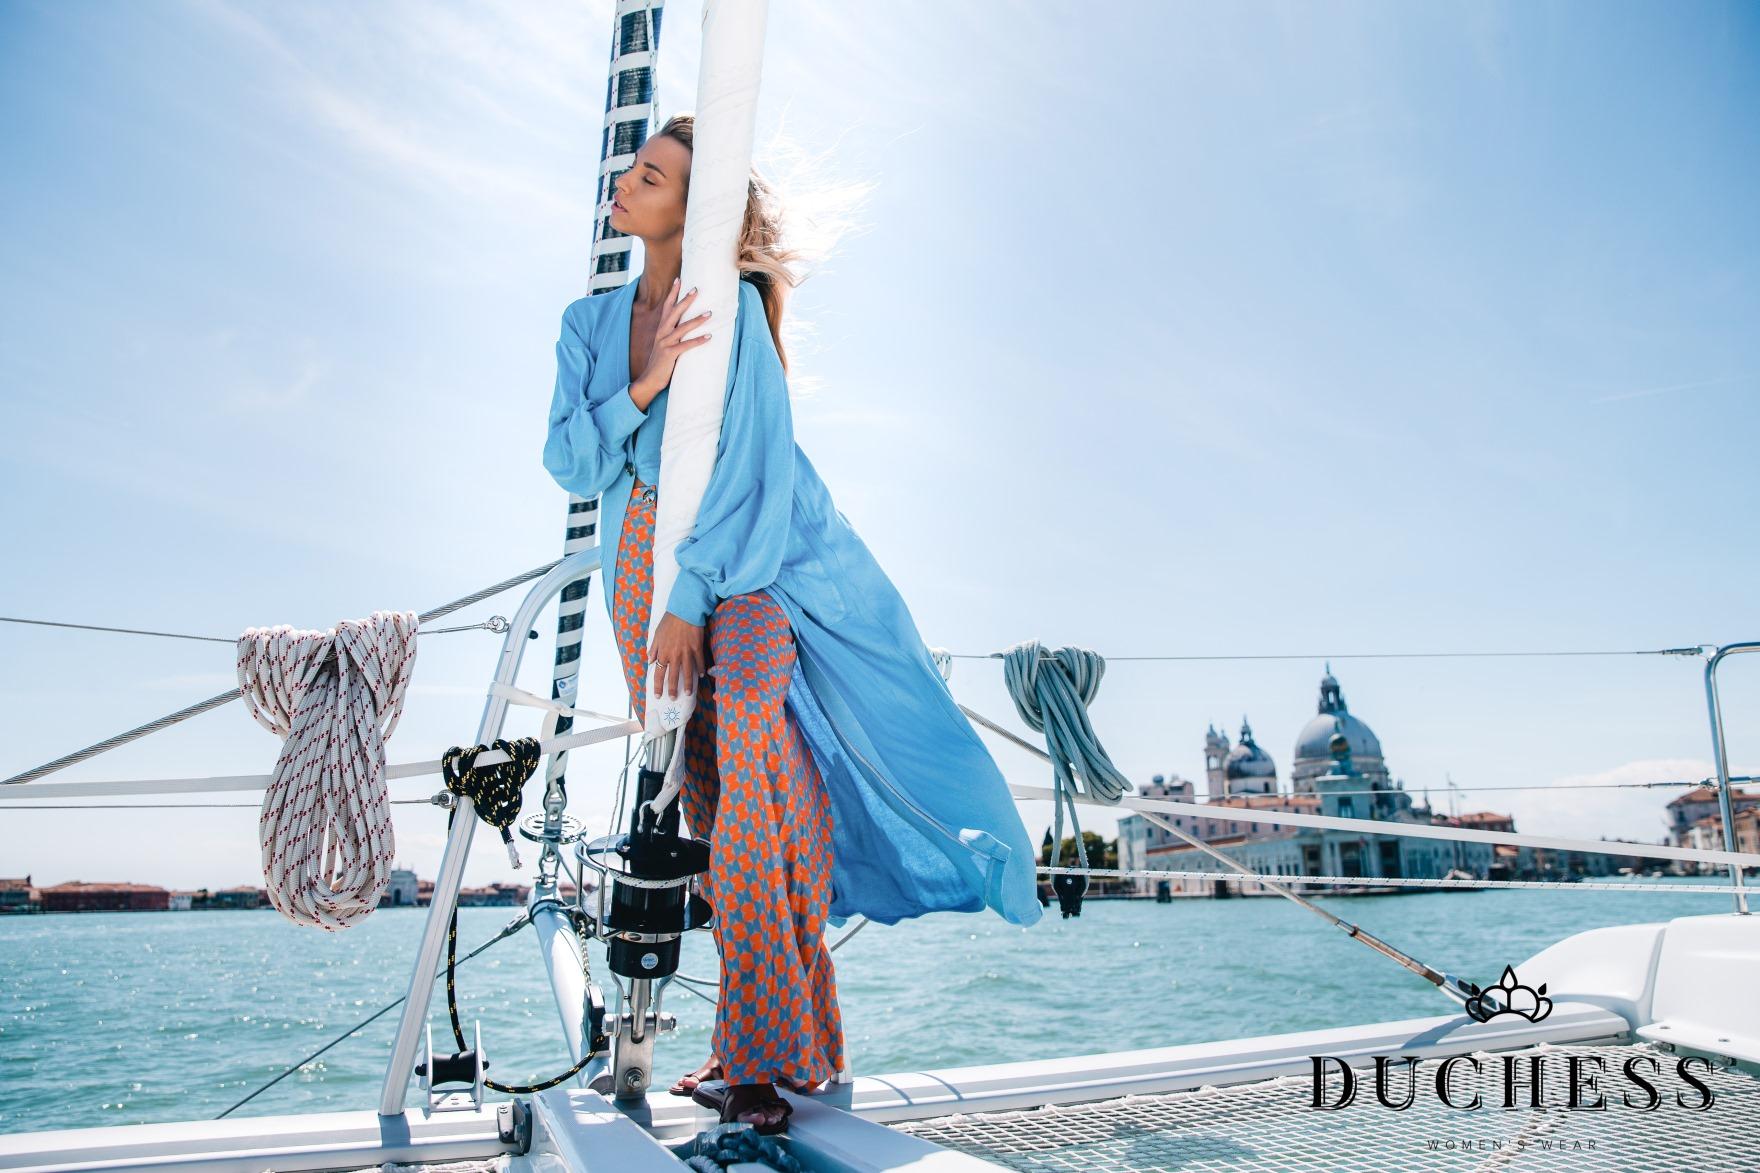 Venecija poslužila kao savršena kulisa za snimanje nove modne kampanje brenda Duchess